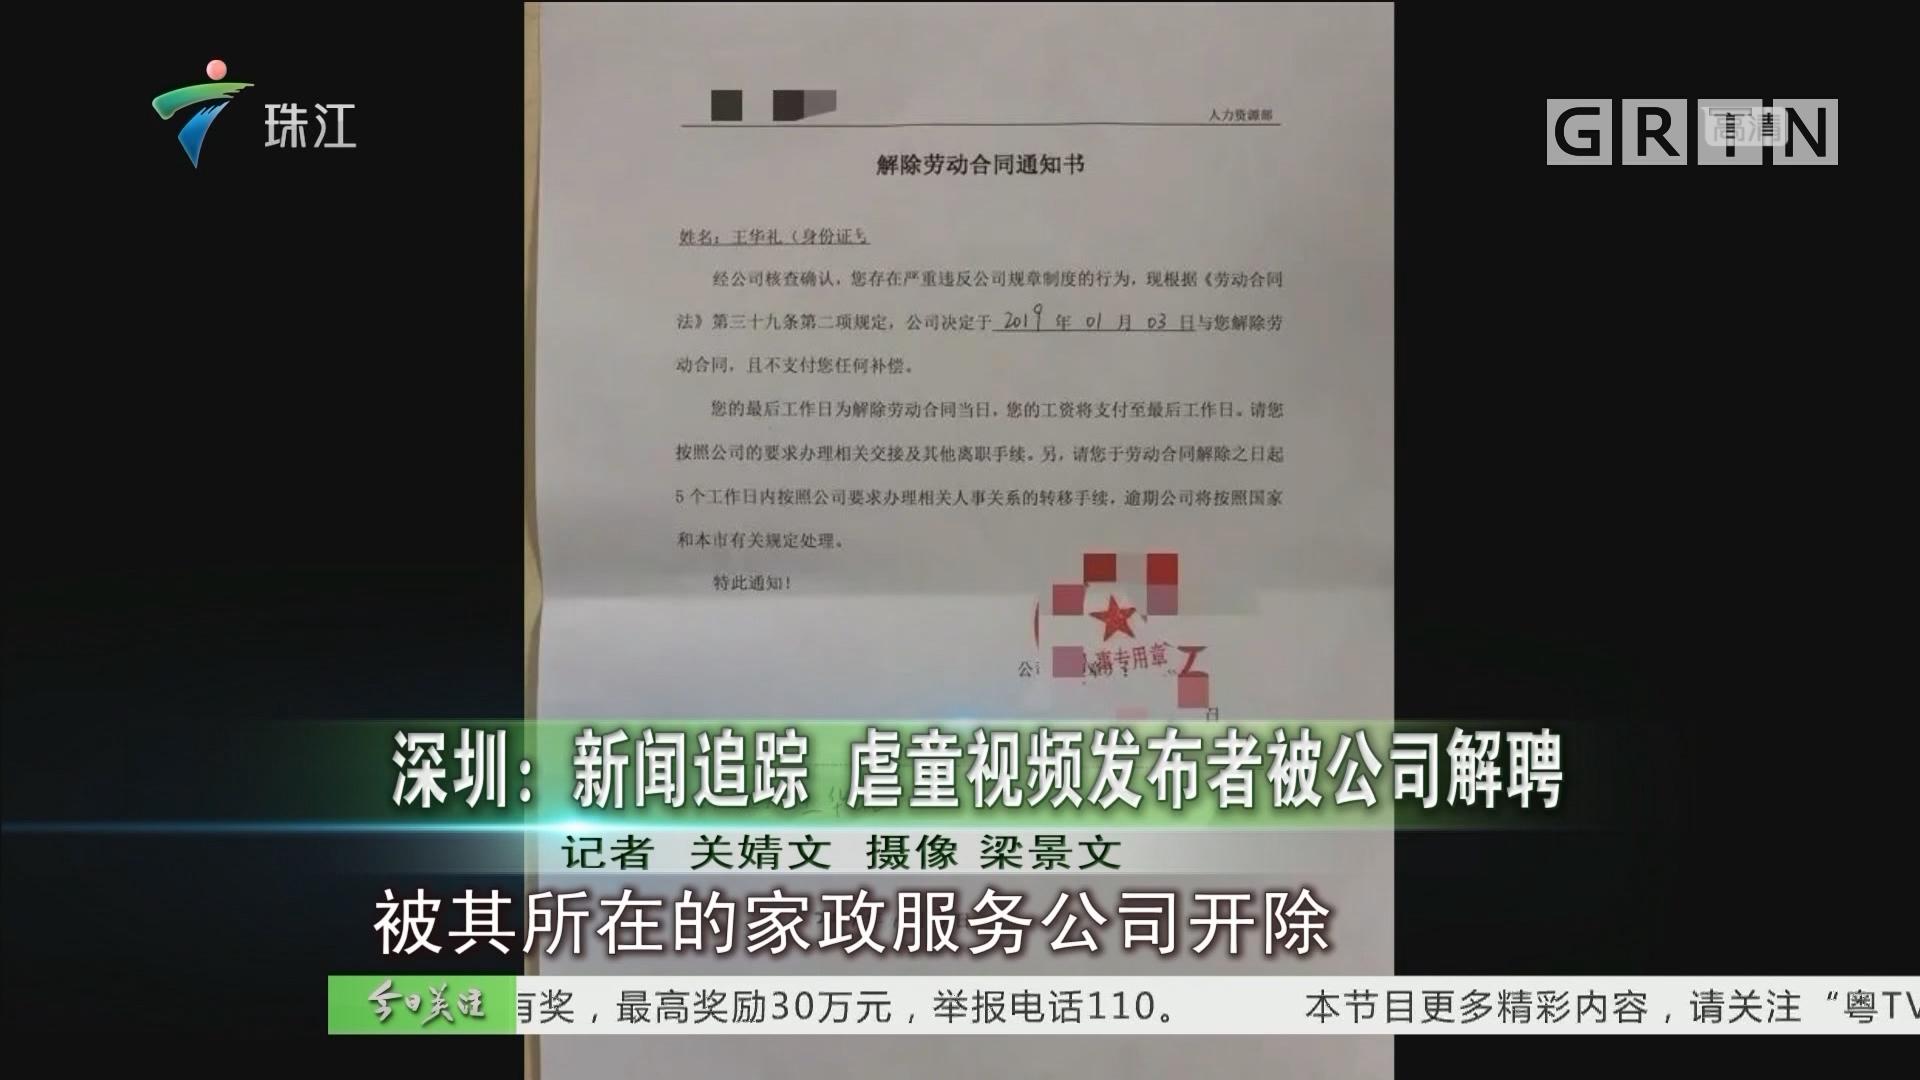 深圳:新闻追踪 虐童视频发布者被公司解聘